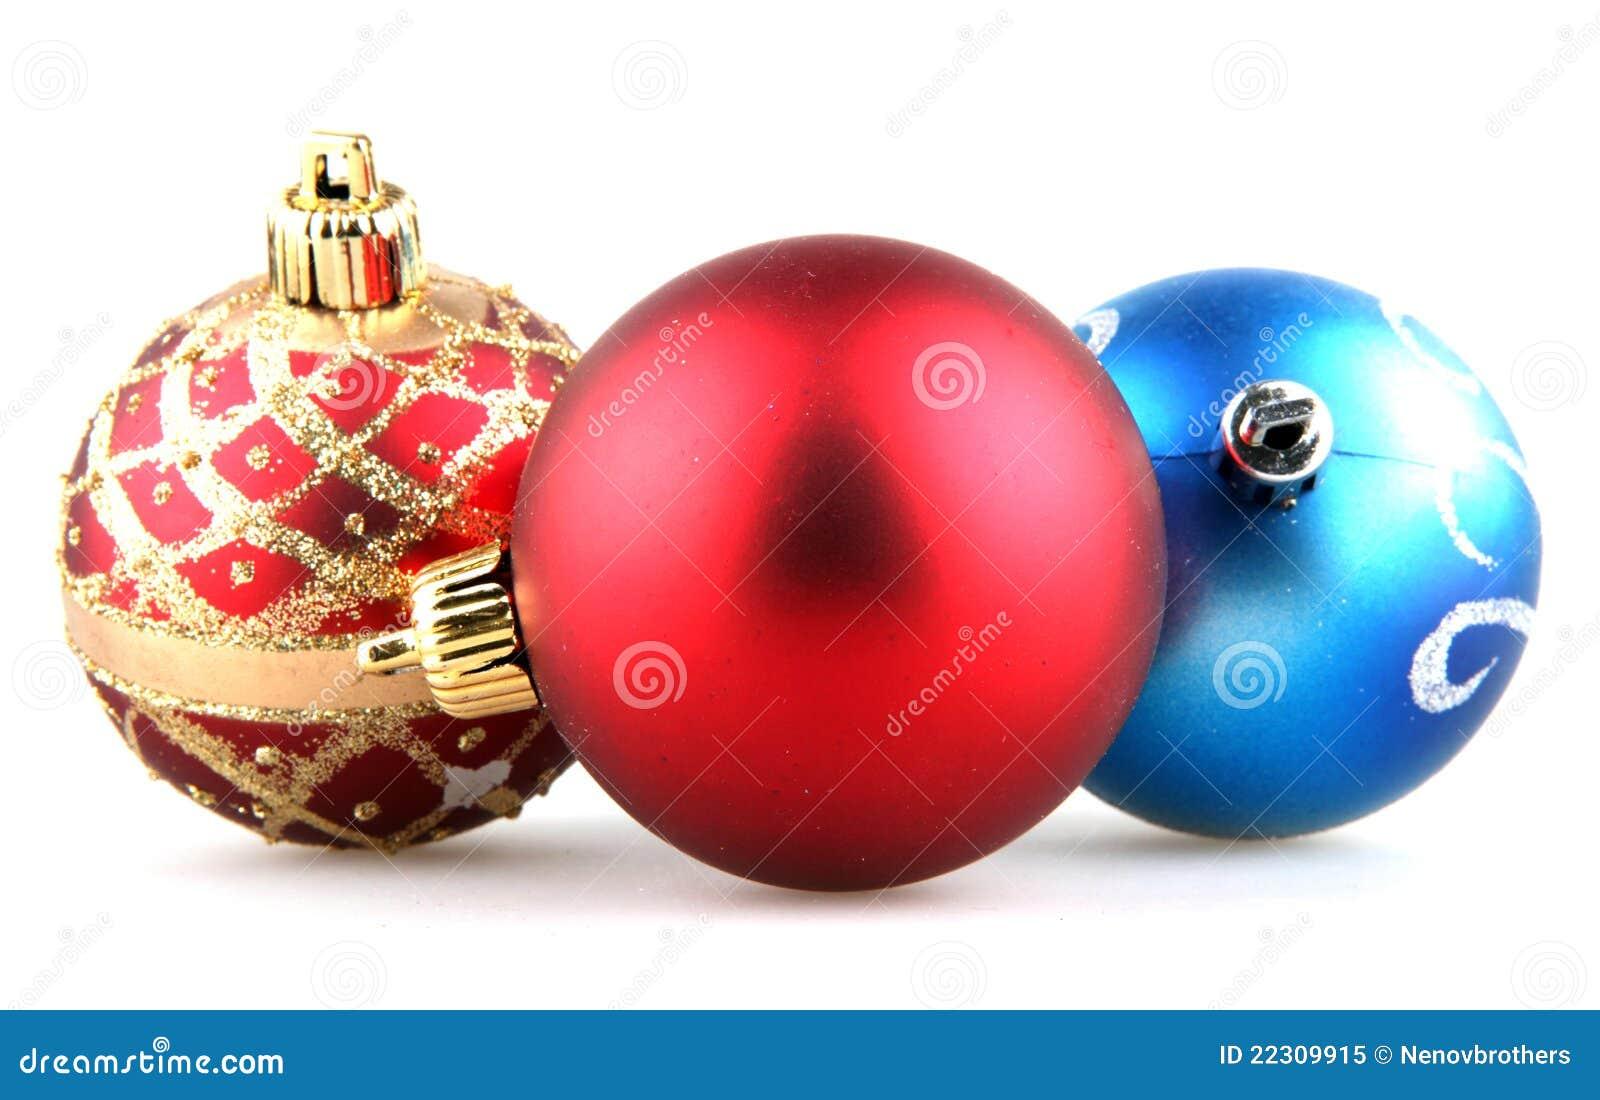 weihnachtsdekoration ideen lizenzfreies stockfoto bild 22309915. Black Bedroom Furniture Sets. Home Design Ideas